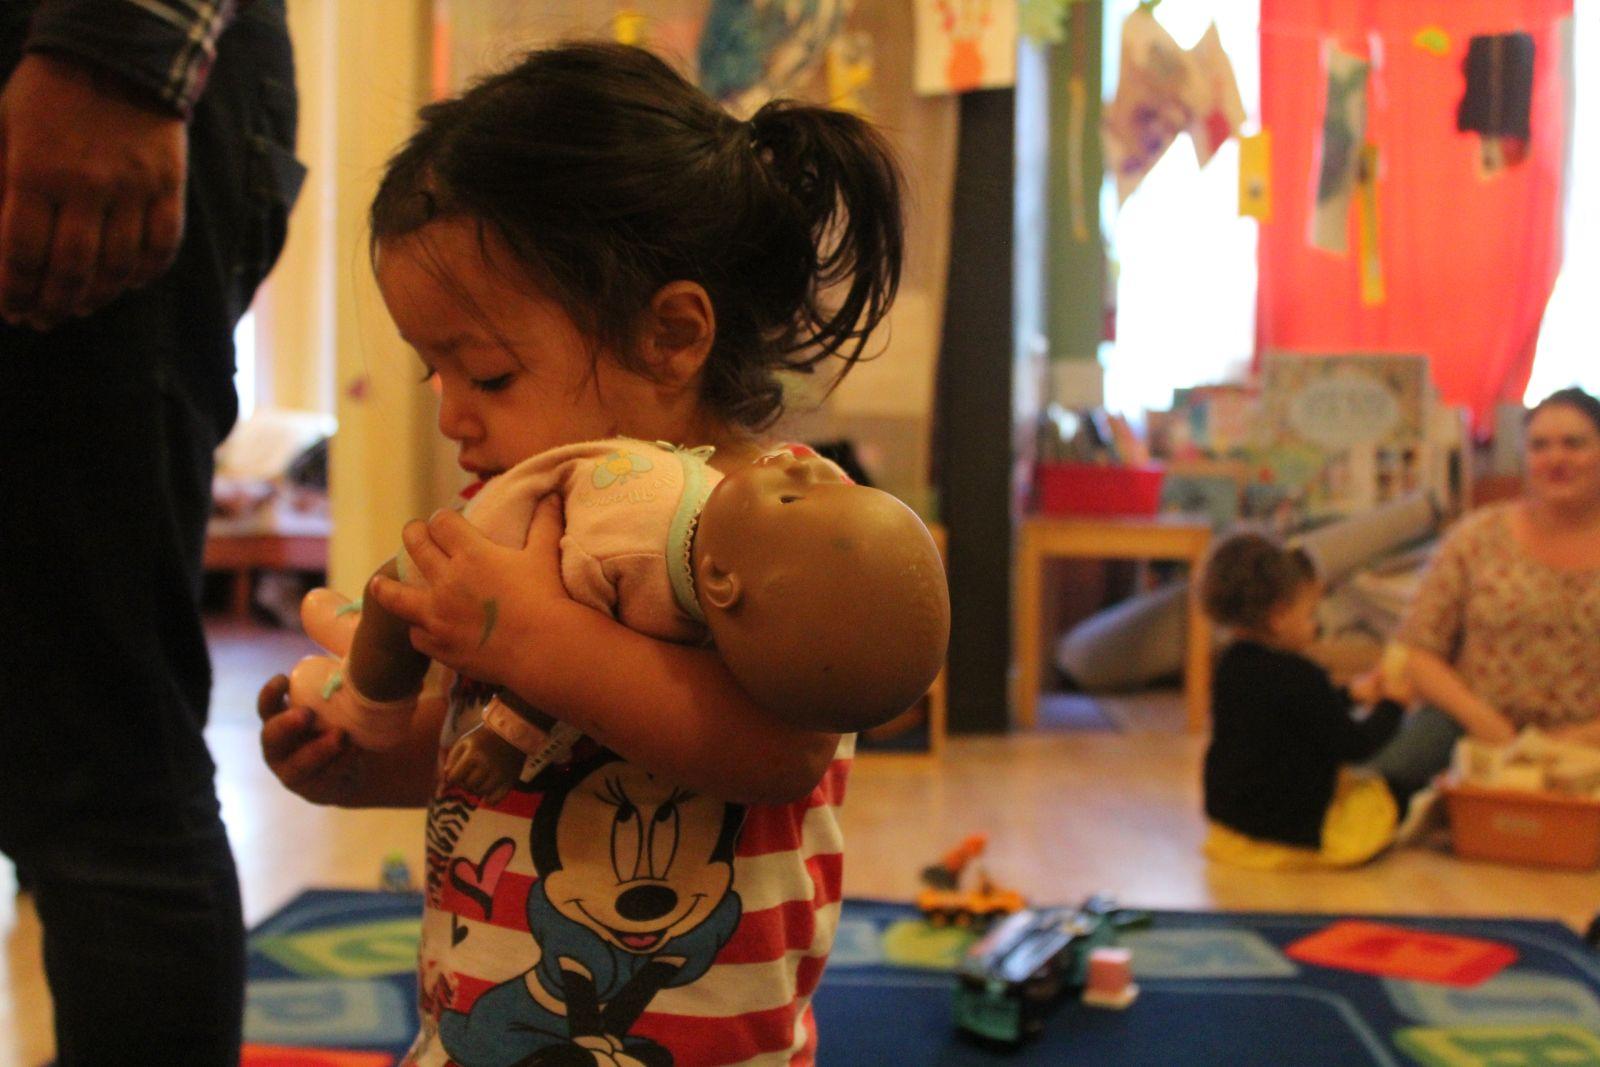 Little girl holding baby doll